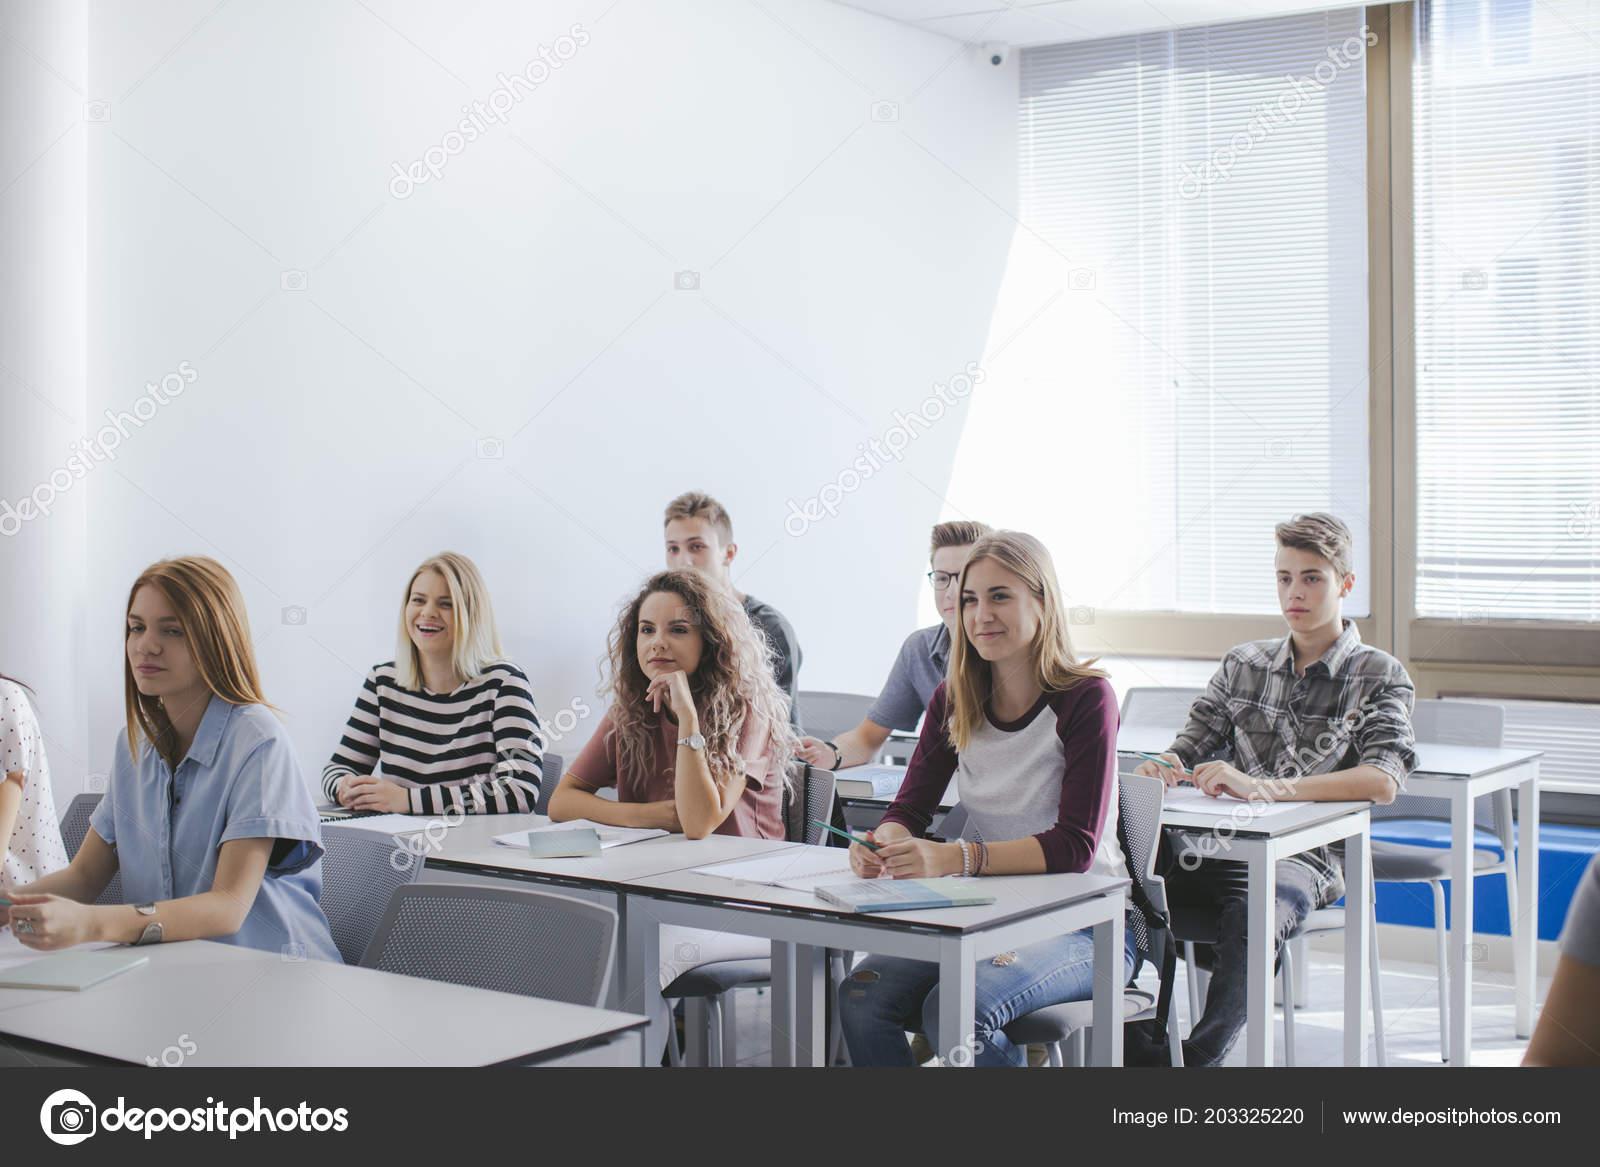 Студенты в оргии фото ничего